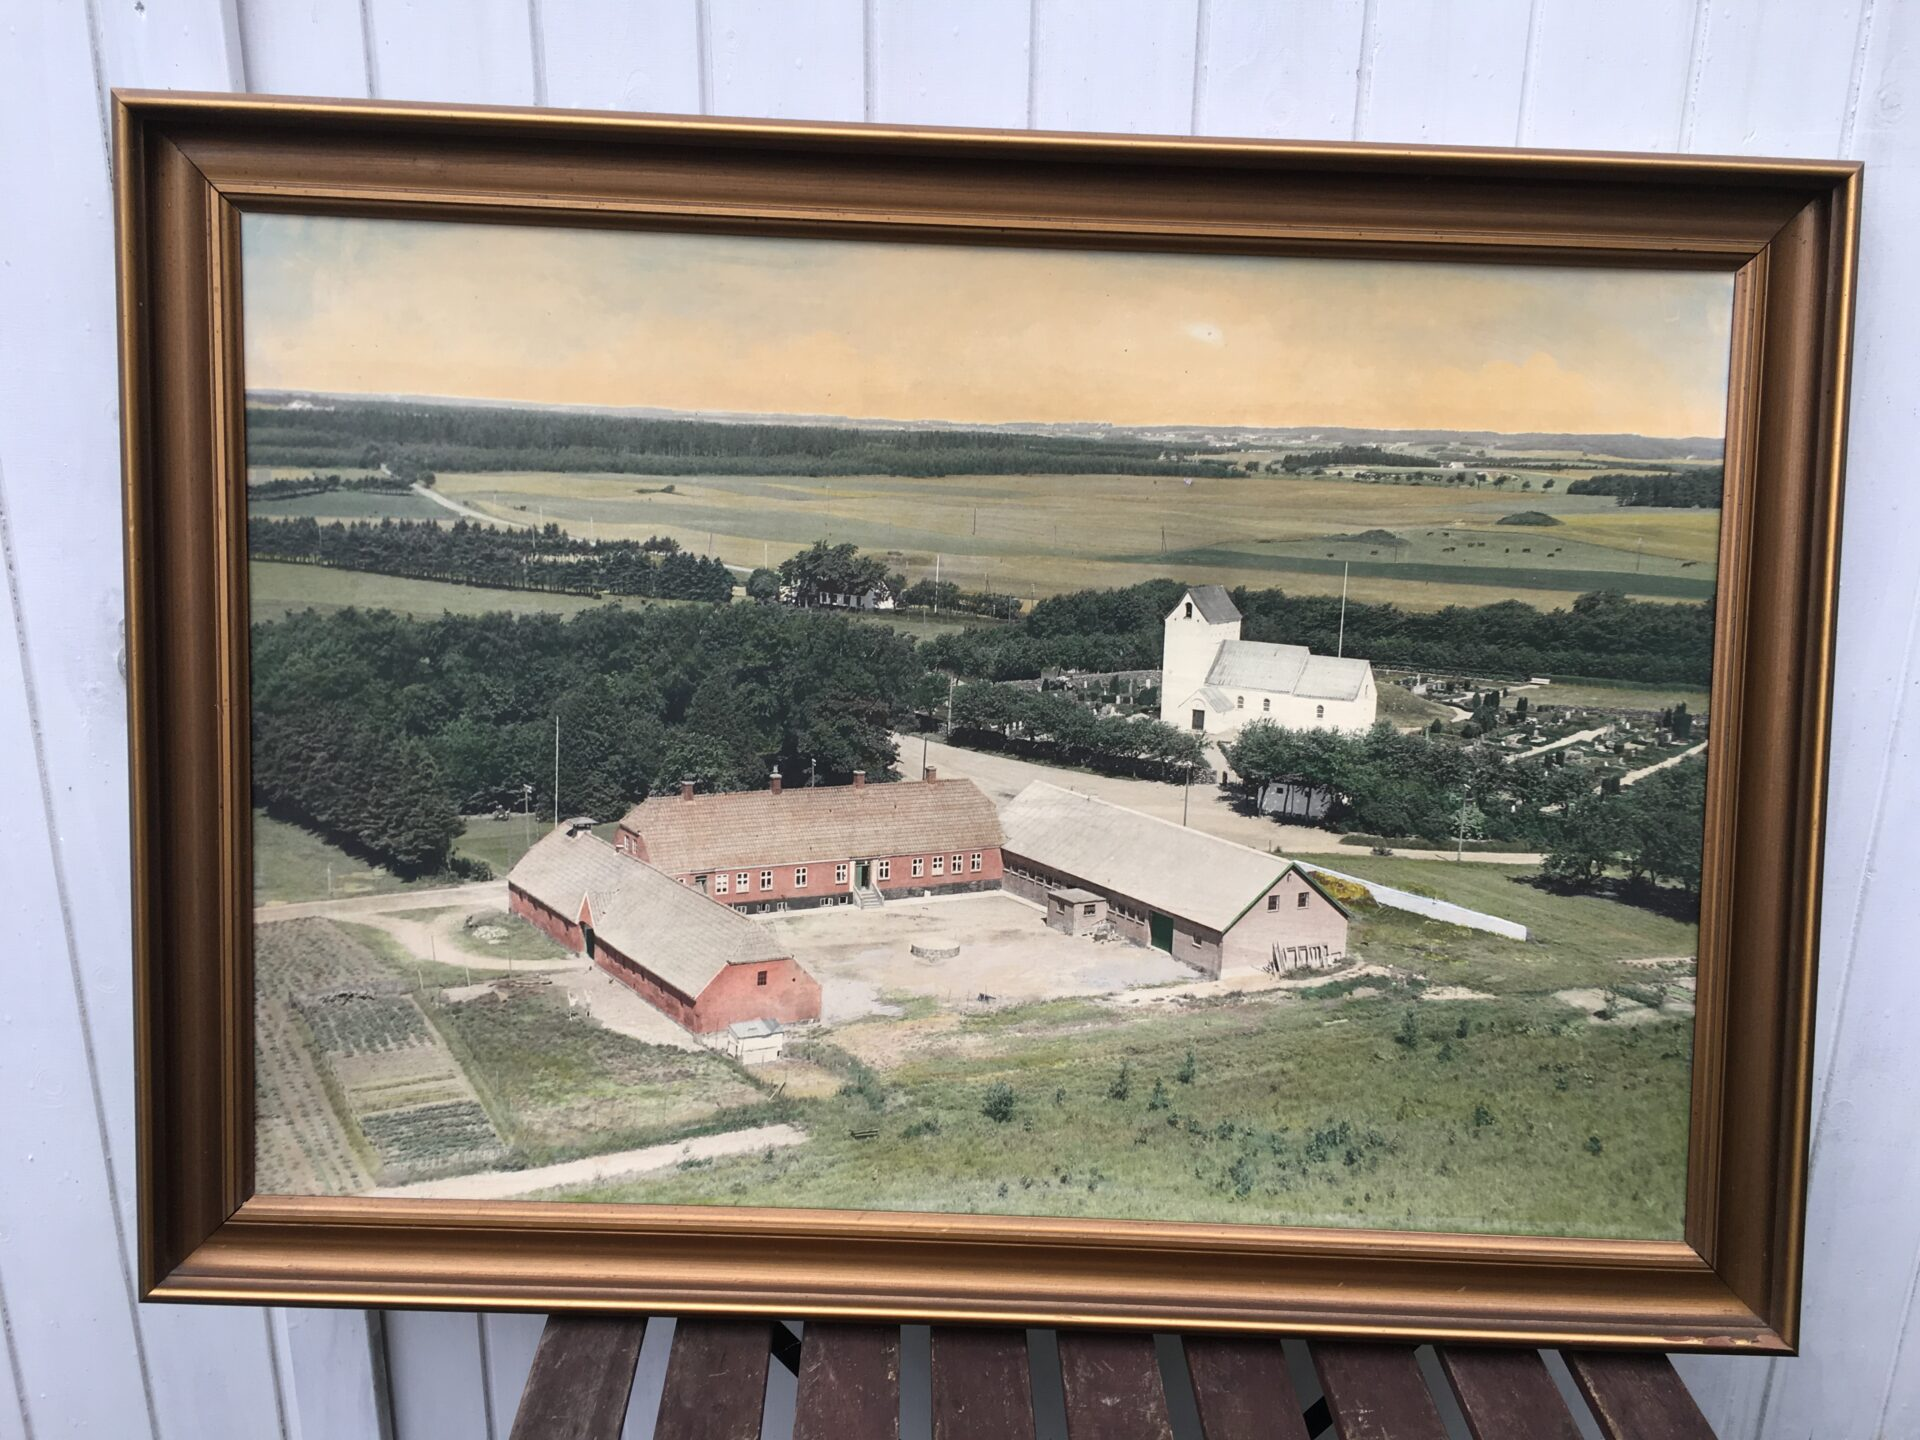 Luftfoto fra ca 1950, Ranbøl Kirke med Randbølgård i forgrunden (gl. Hærvejskro), pris 500 kr